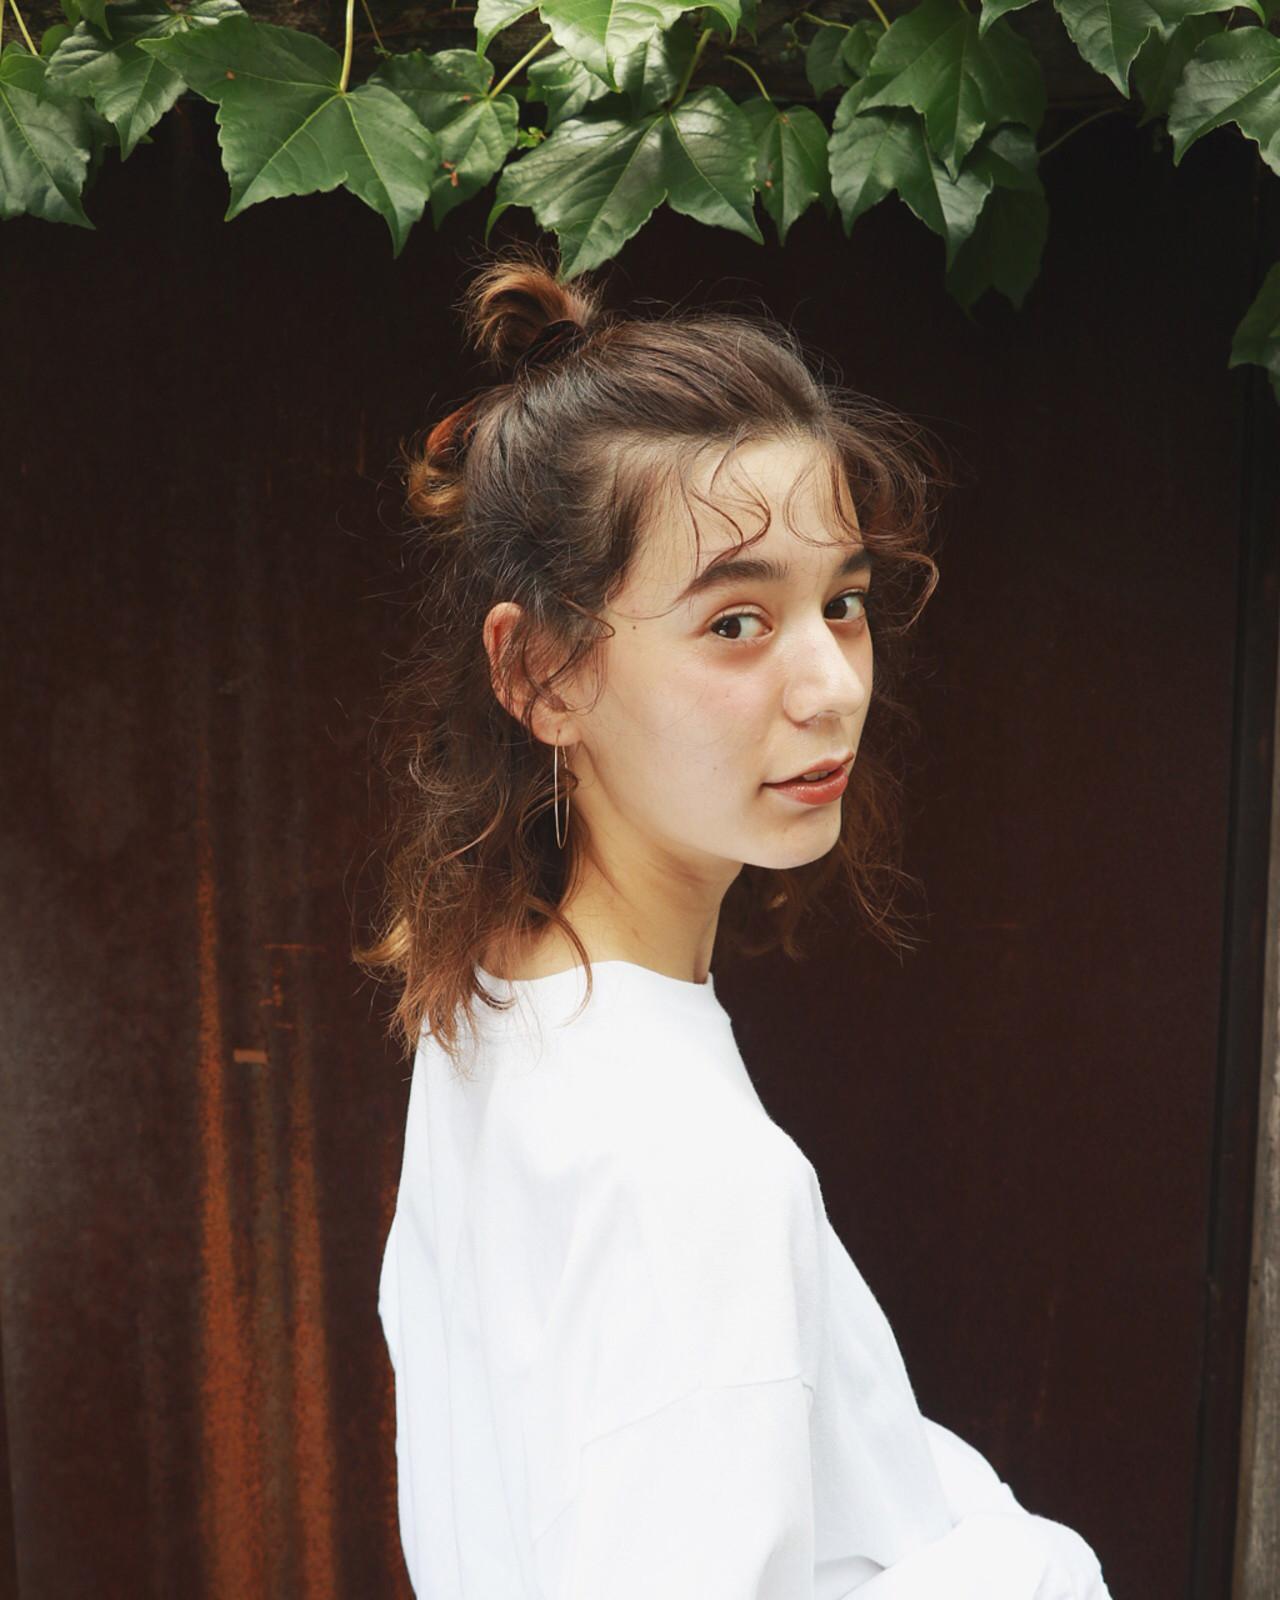 デート ハーフアップ こなれ感 お団子 ヘアスタイルや髪型の写真・画像